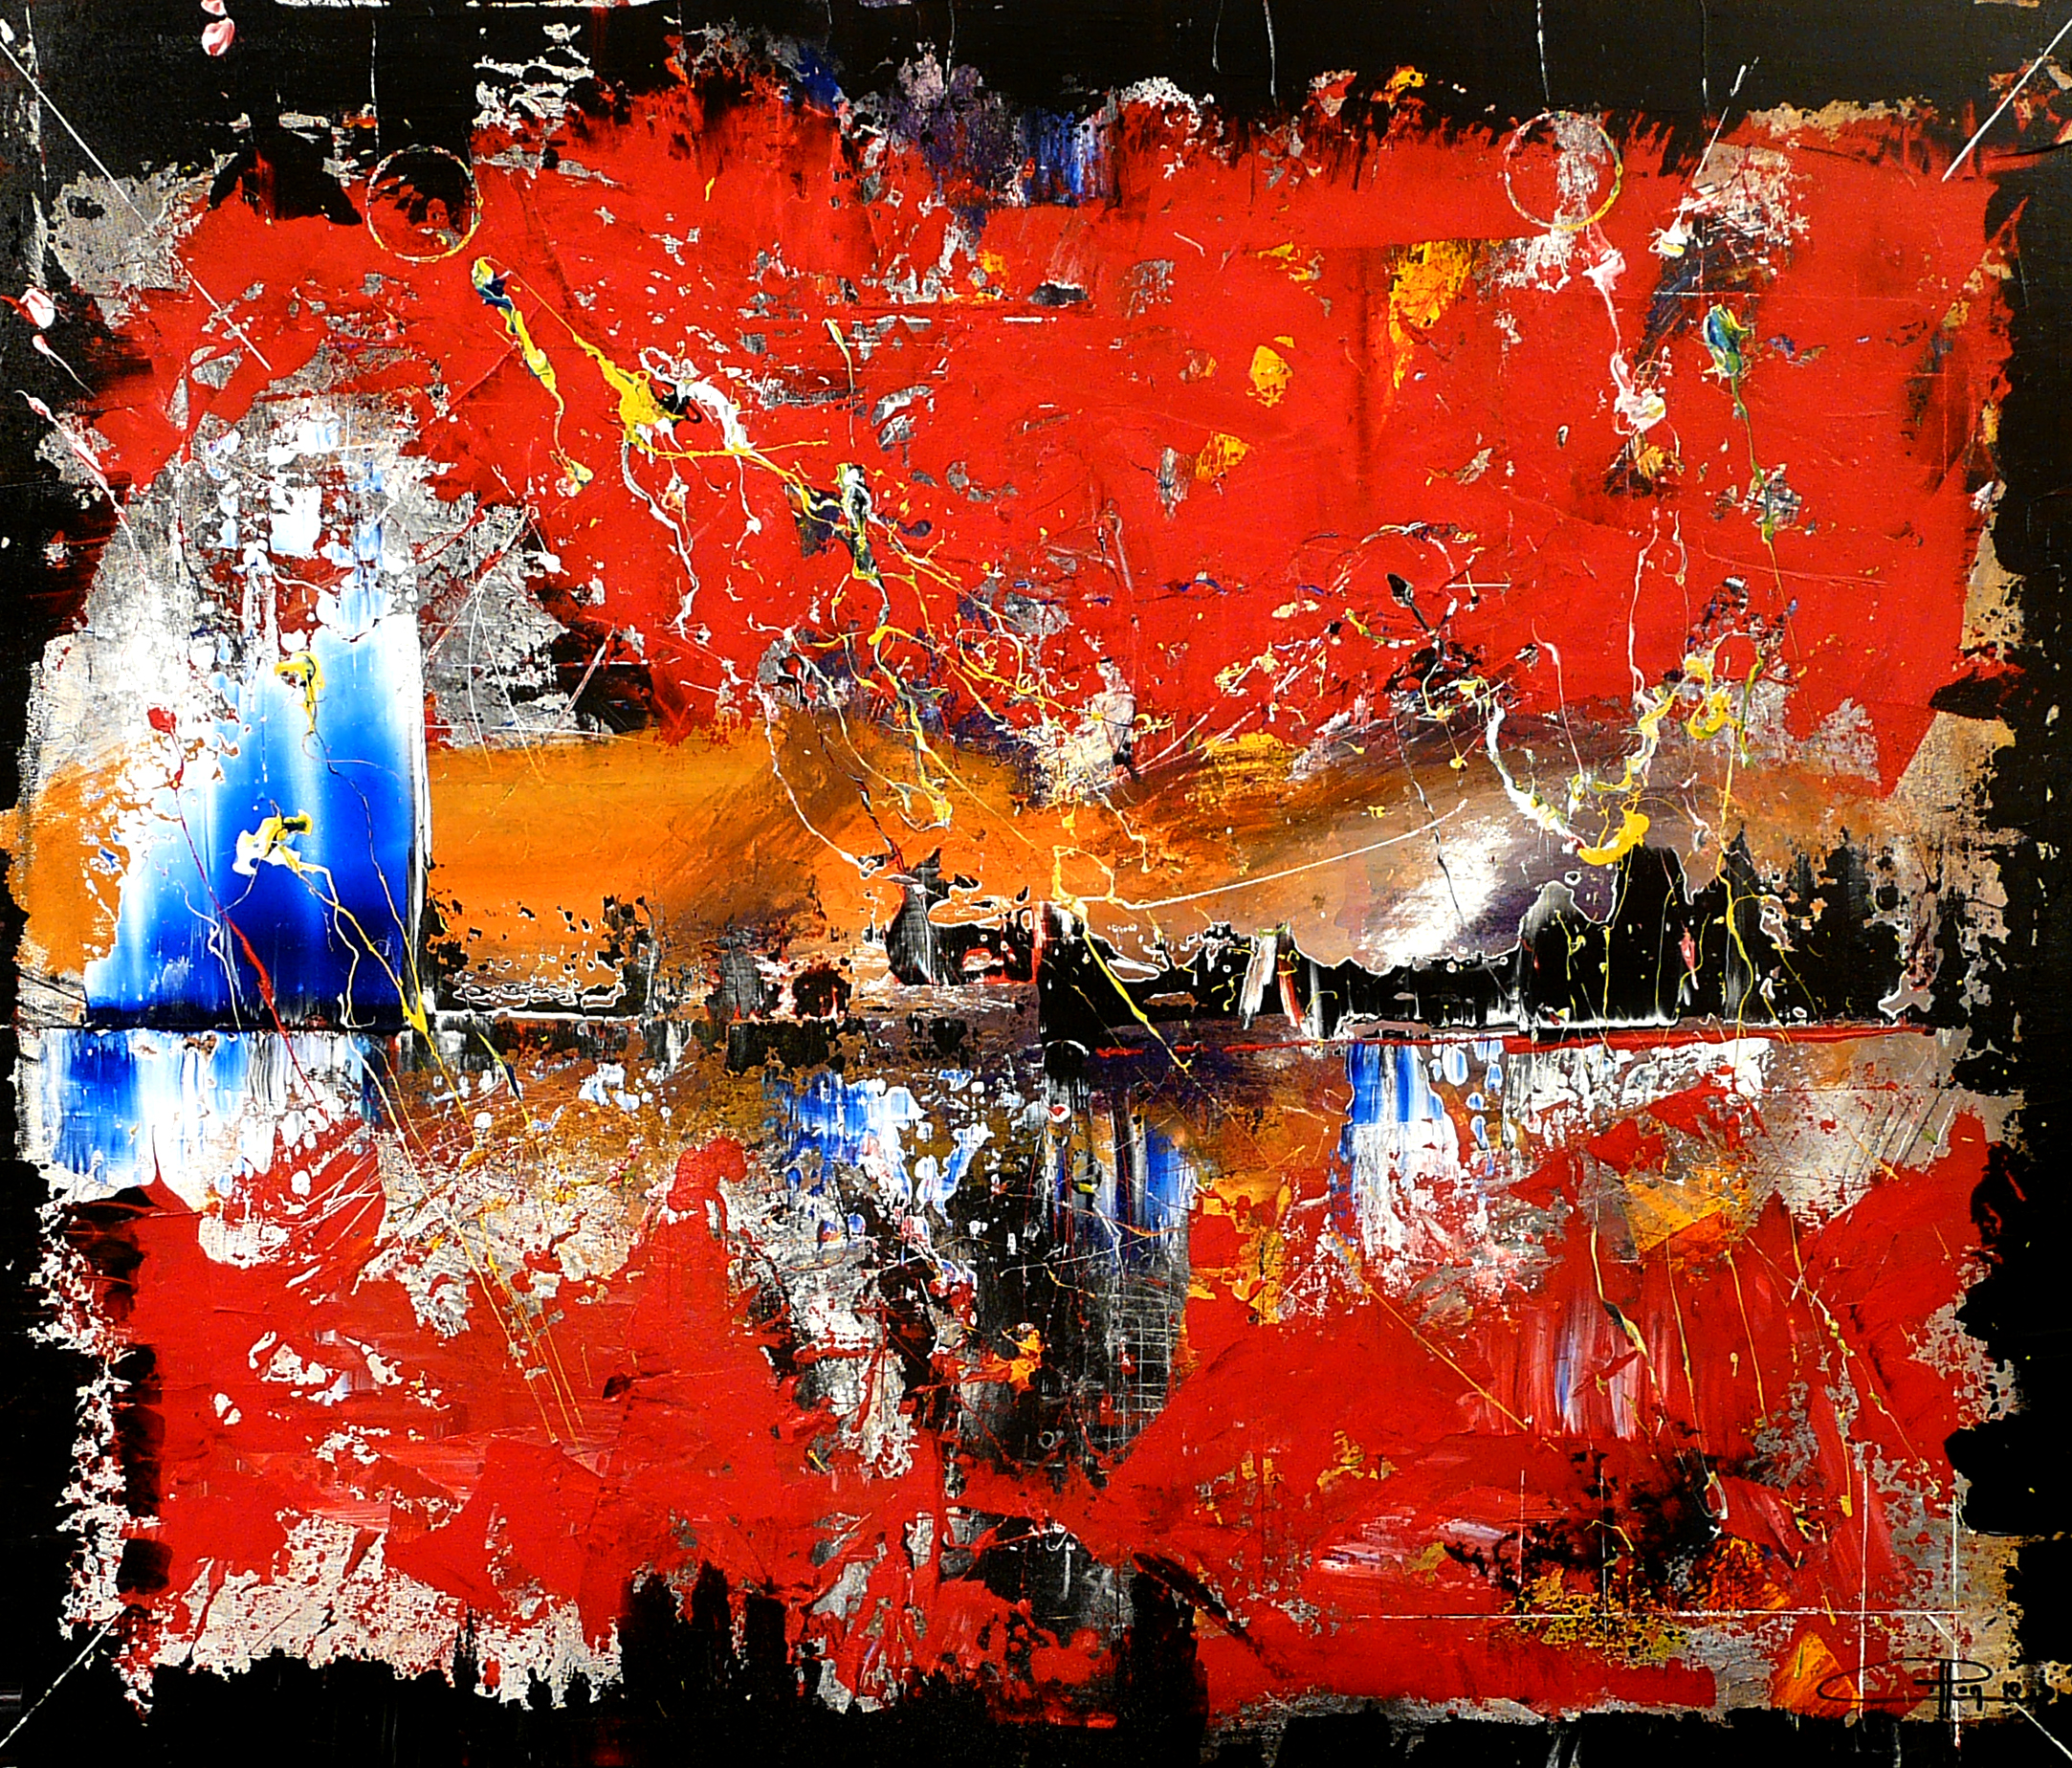 les maux I bleus 120 x 100 juin 2010